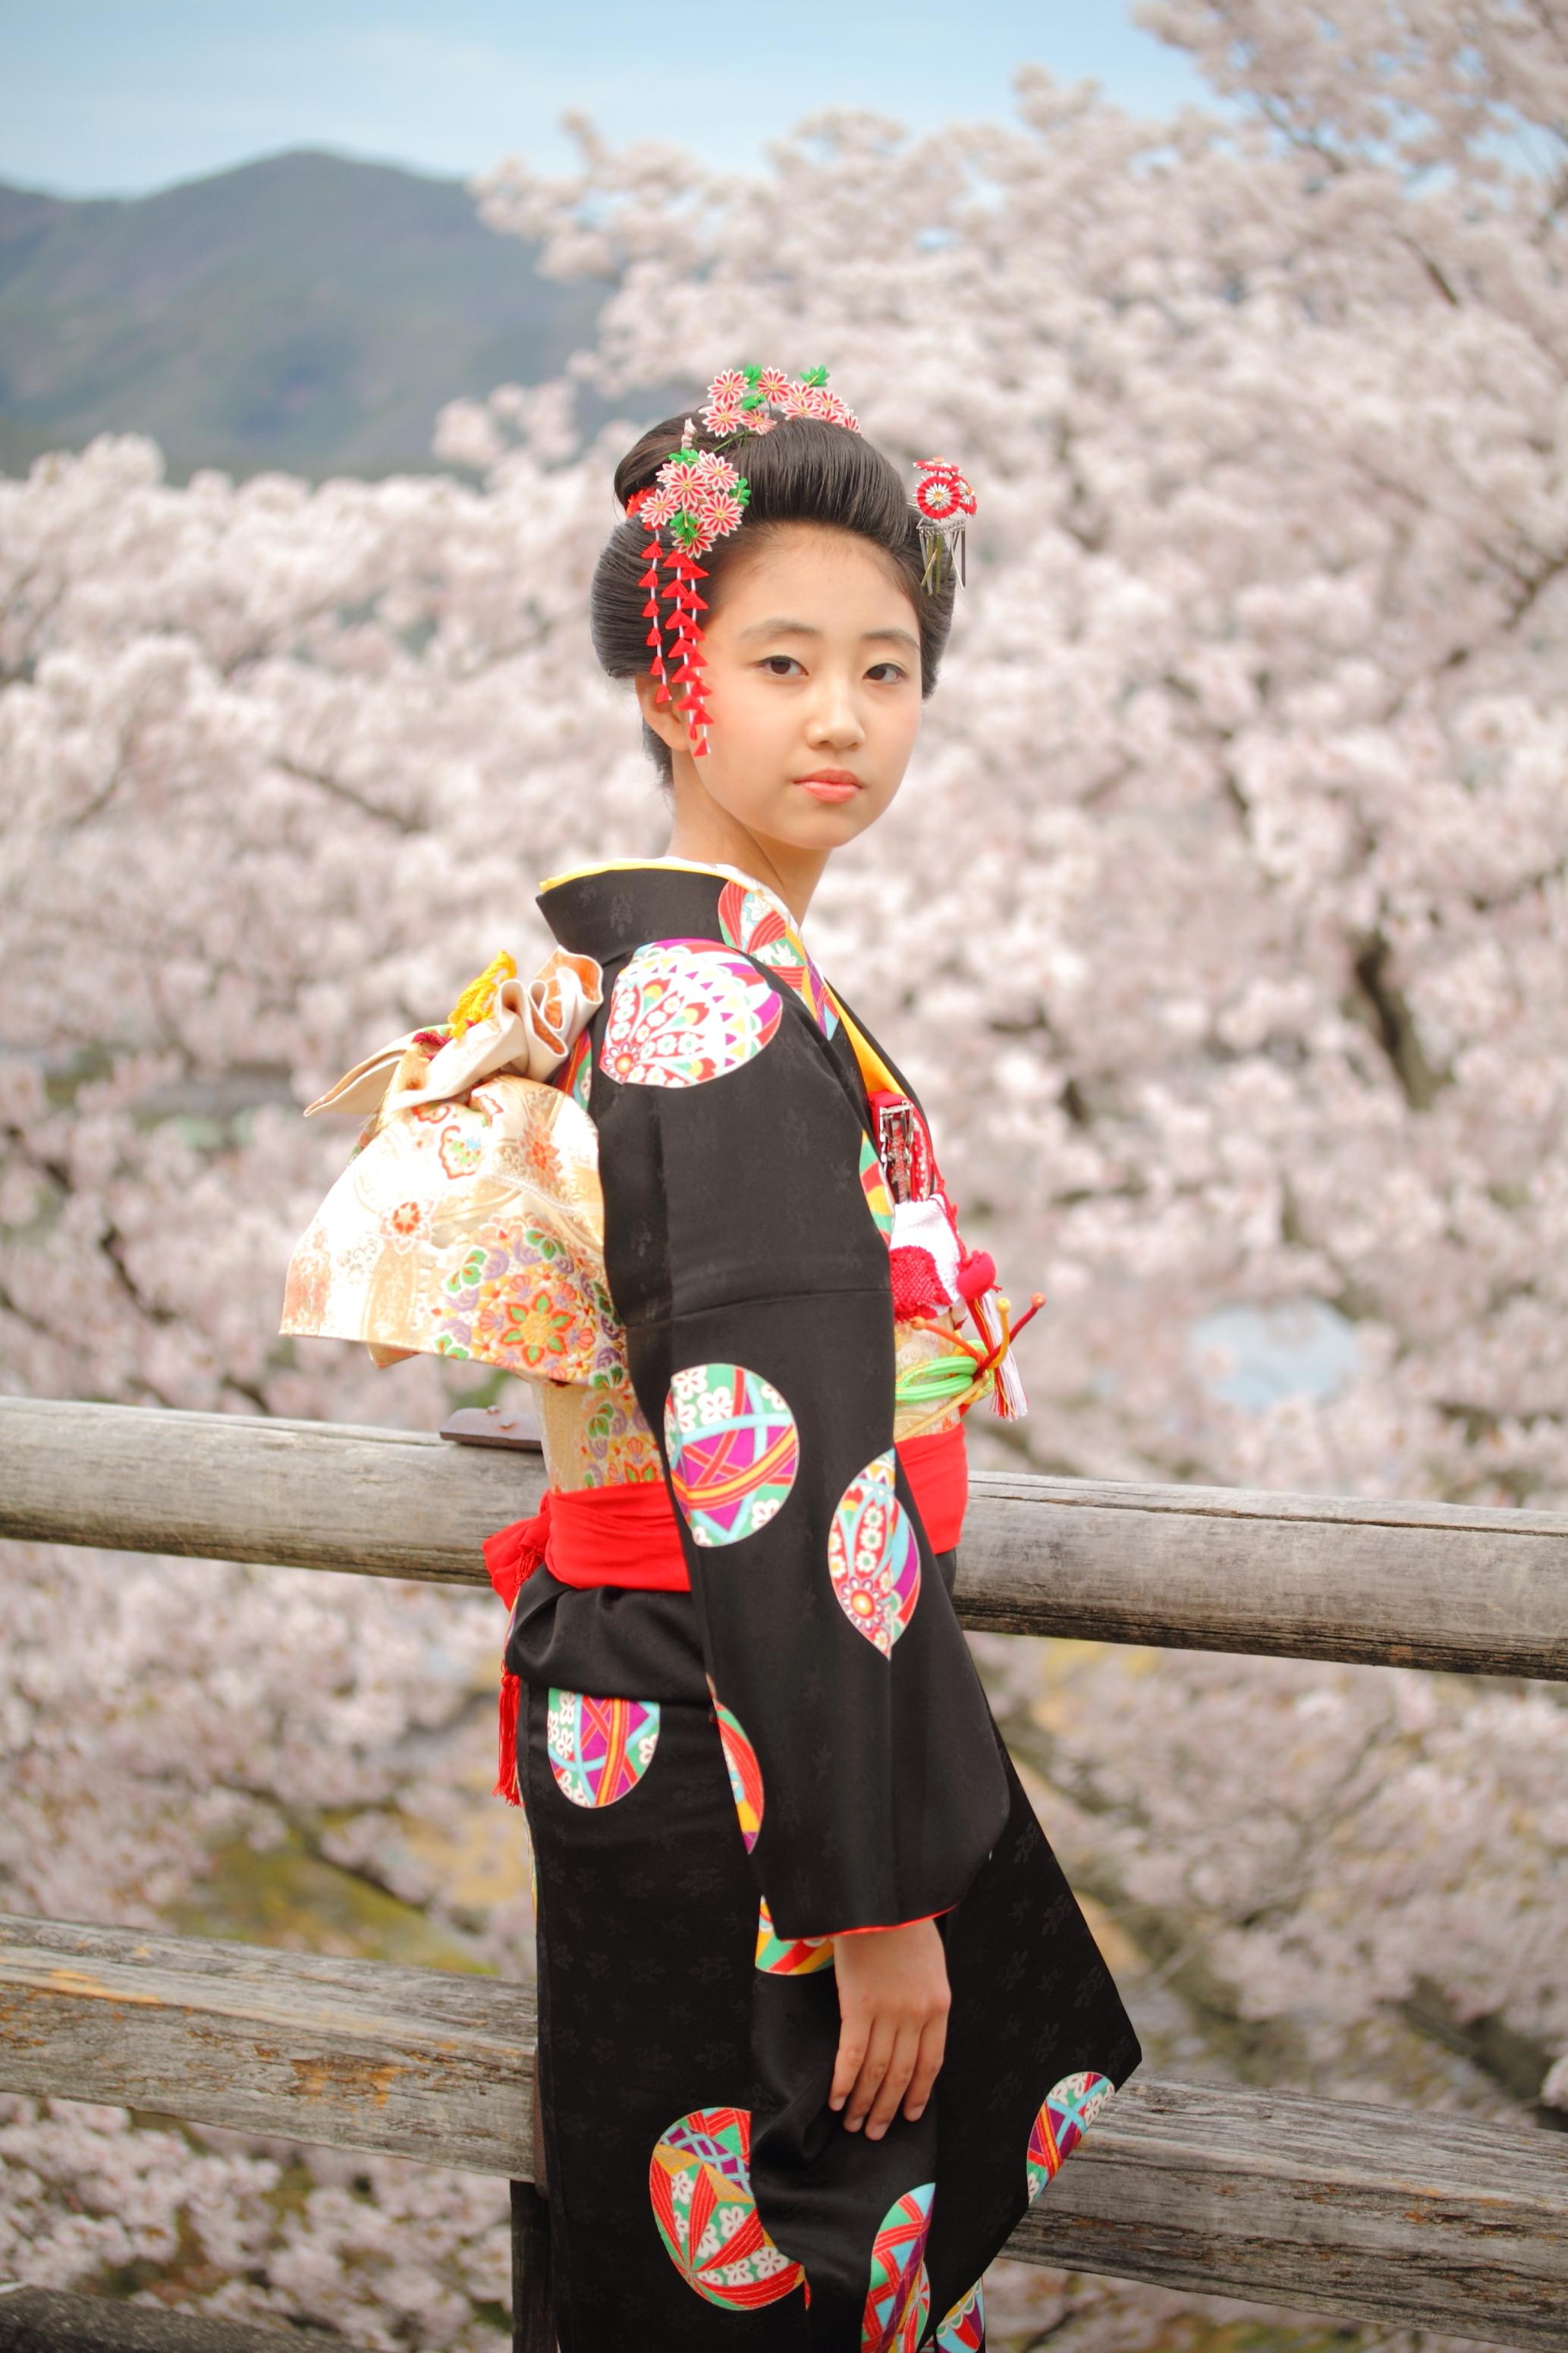 十三参り 京都写真撮影 京都出張撮影 同行撮影